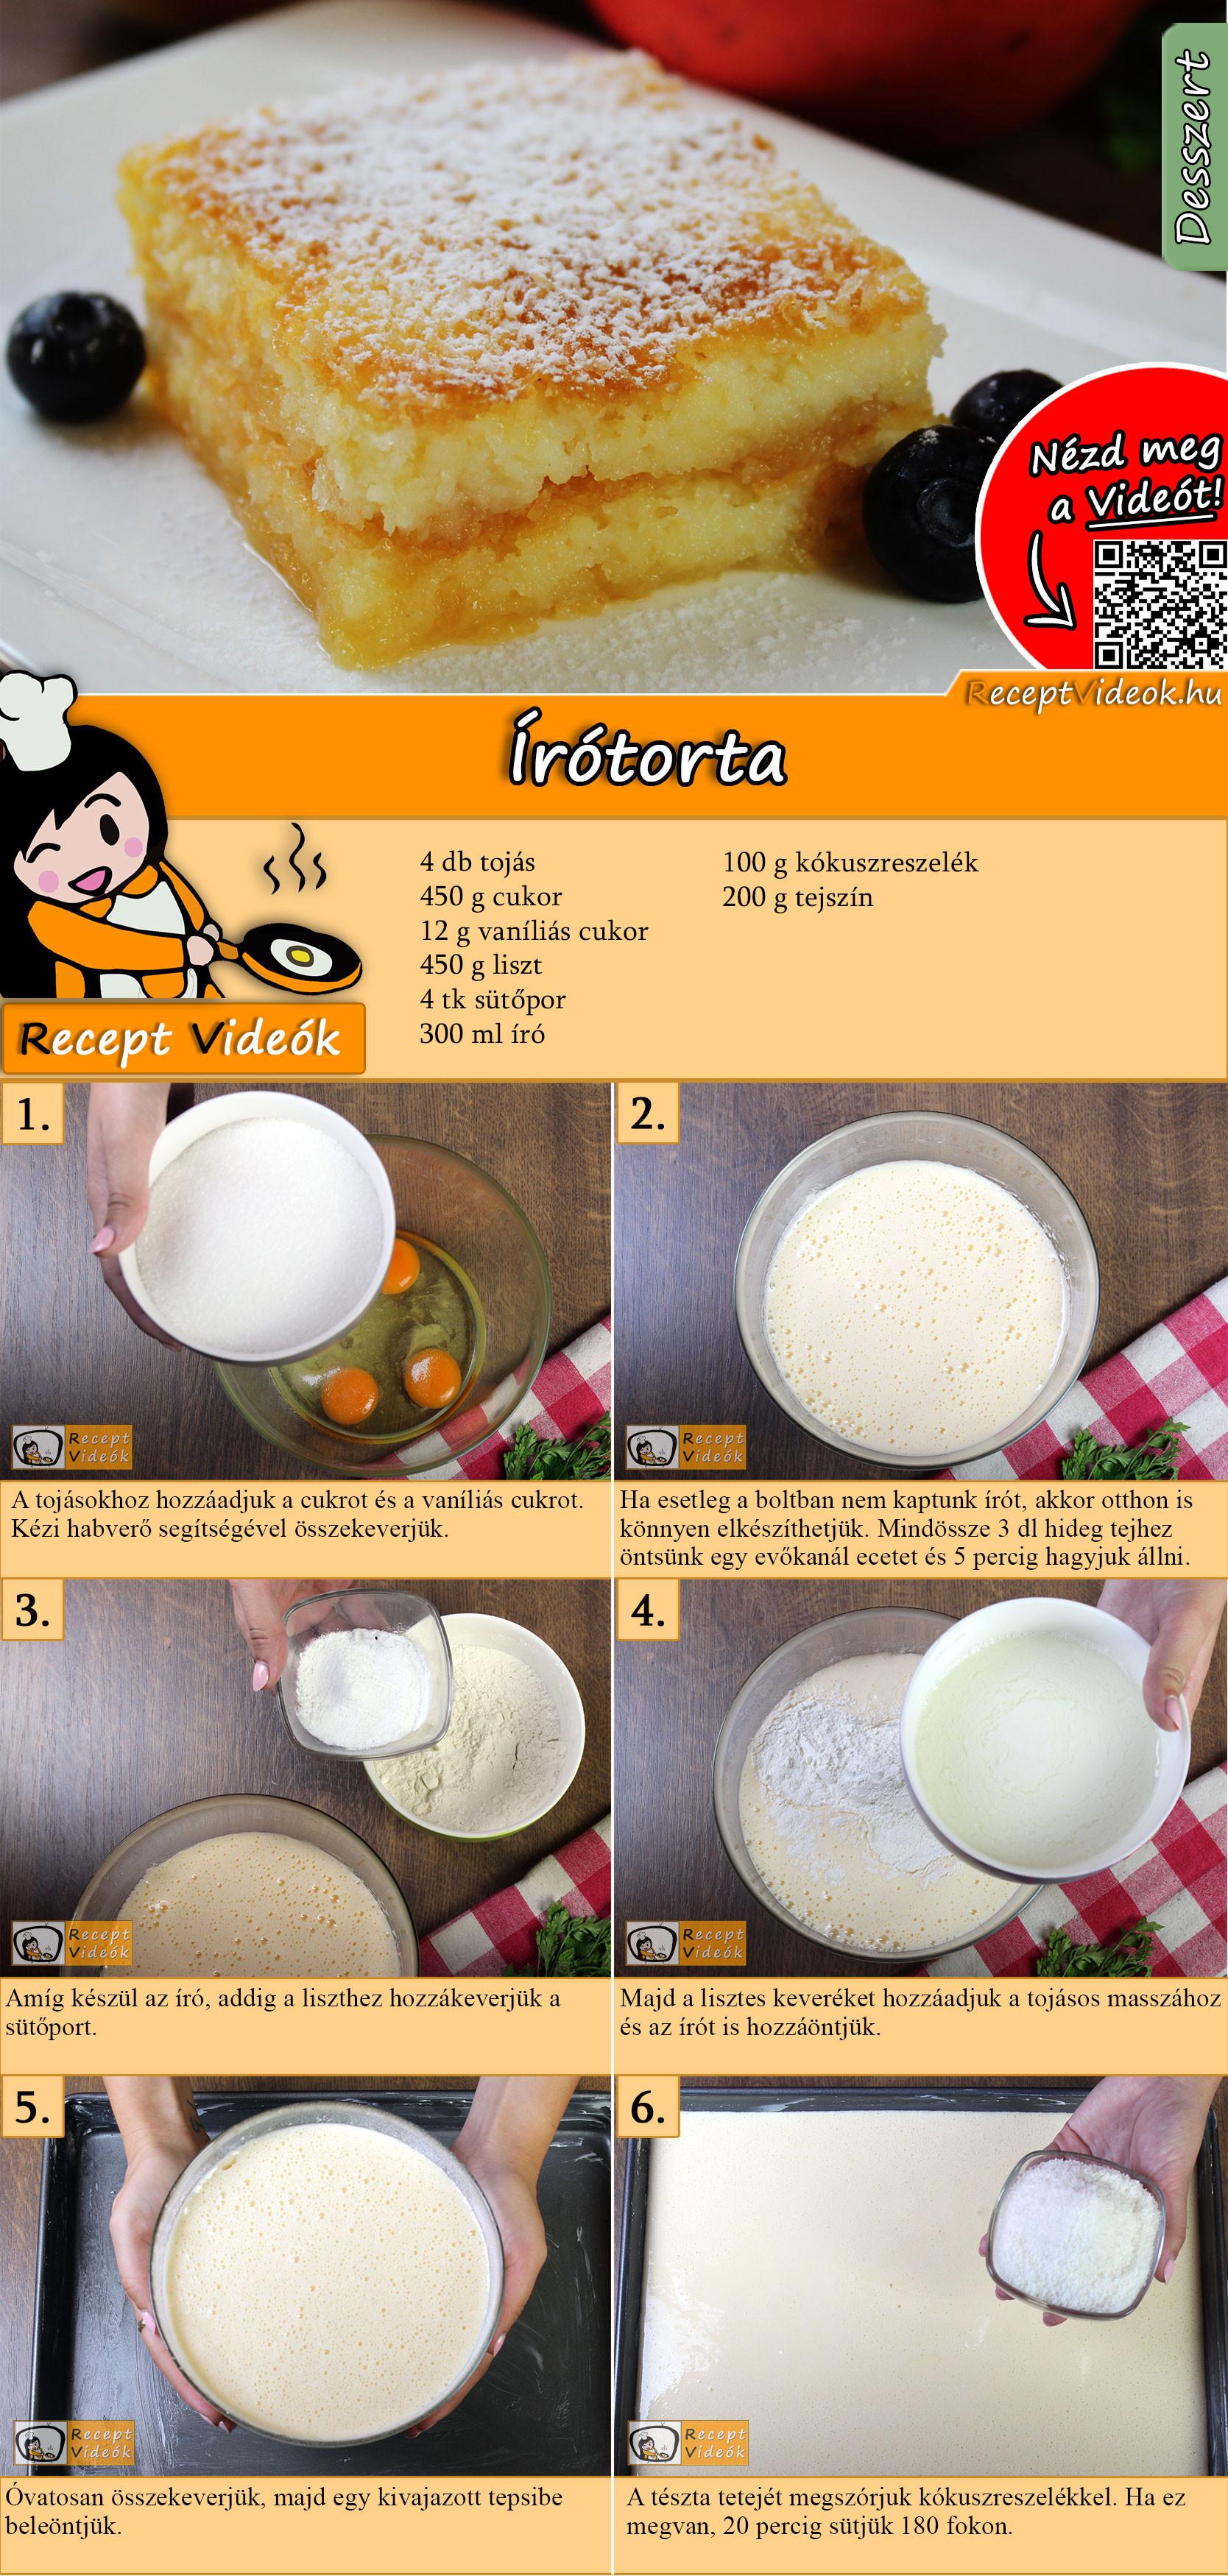 Írótorta recept elkészítése videóval